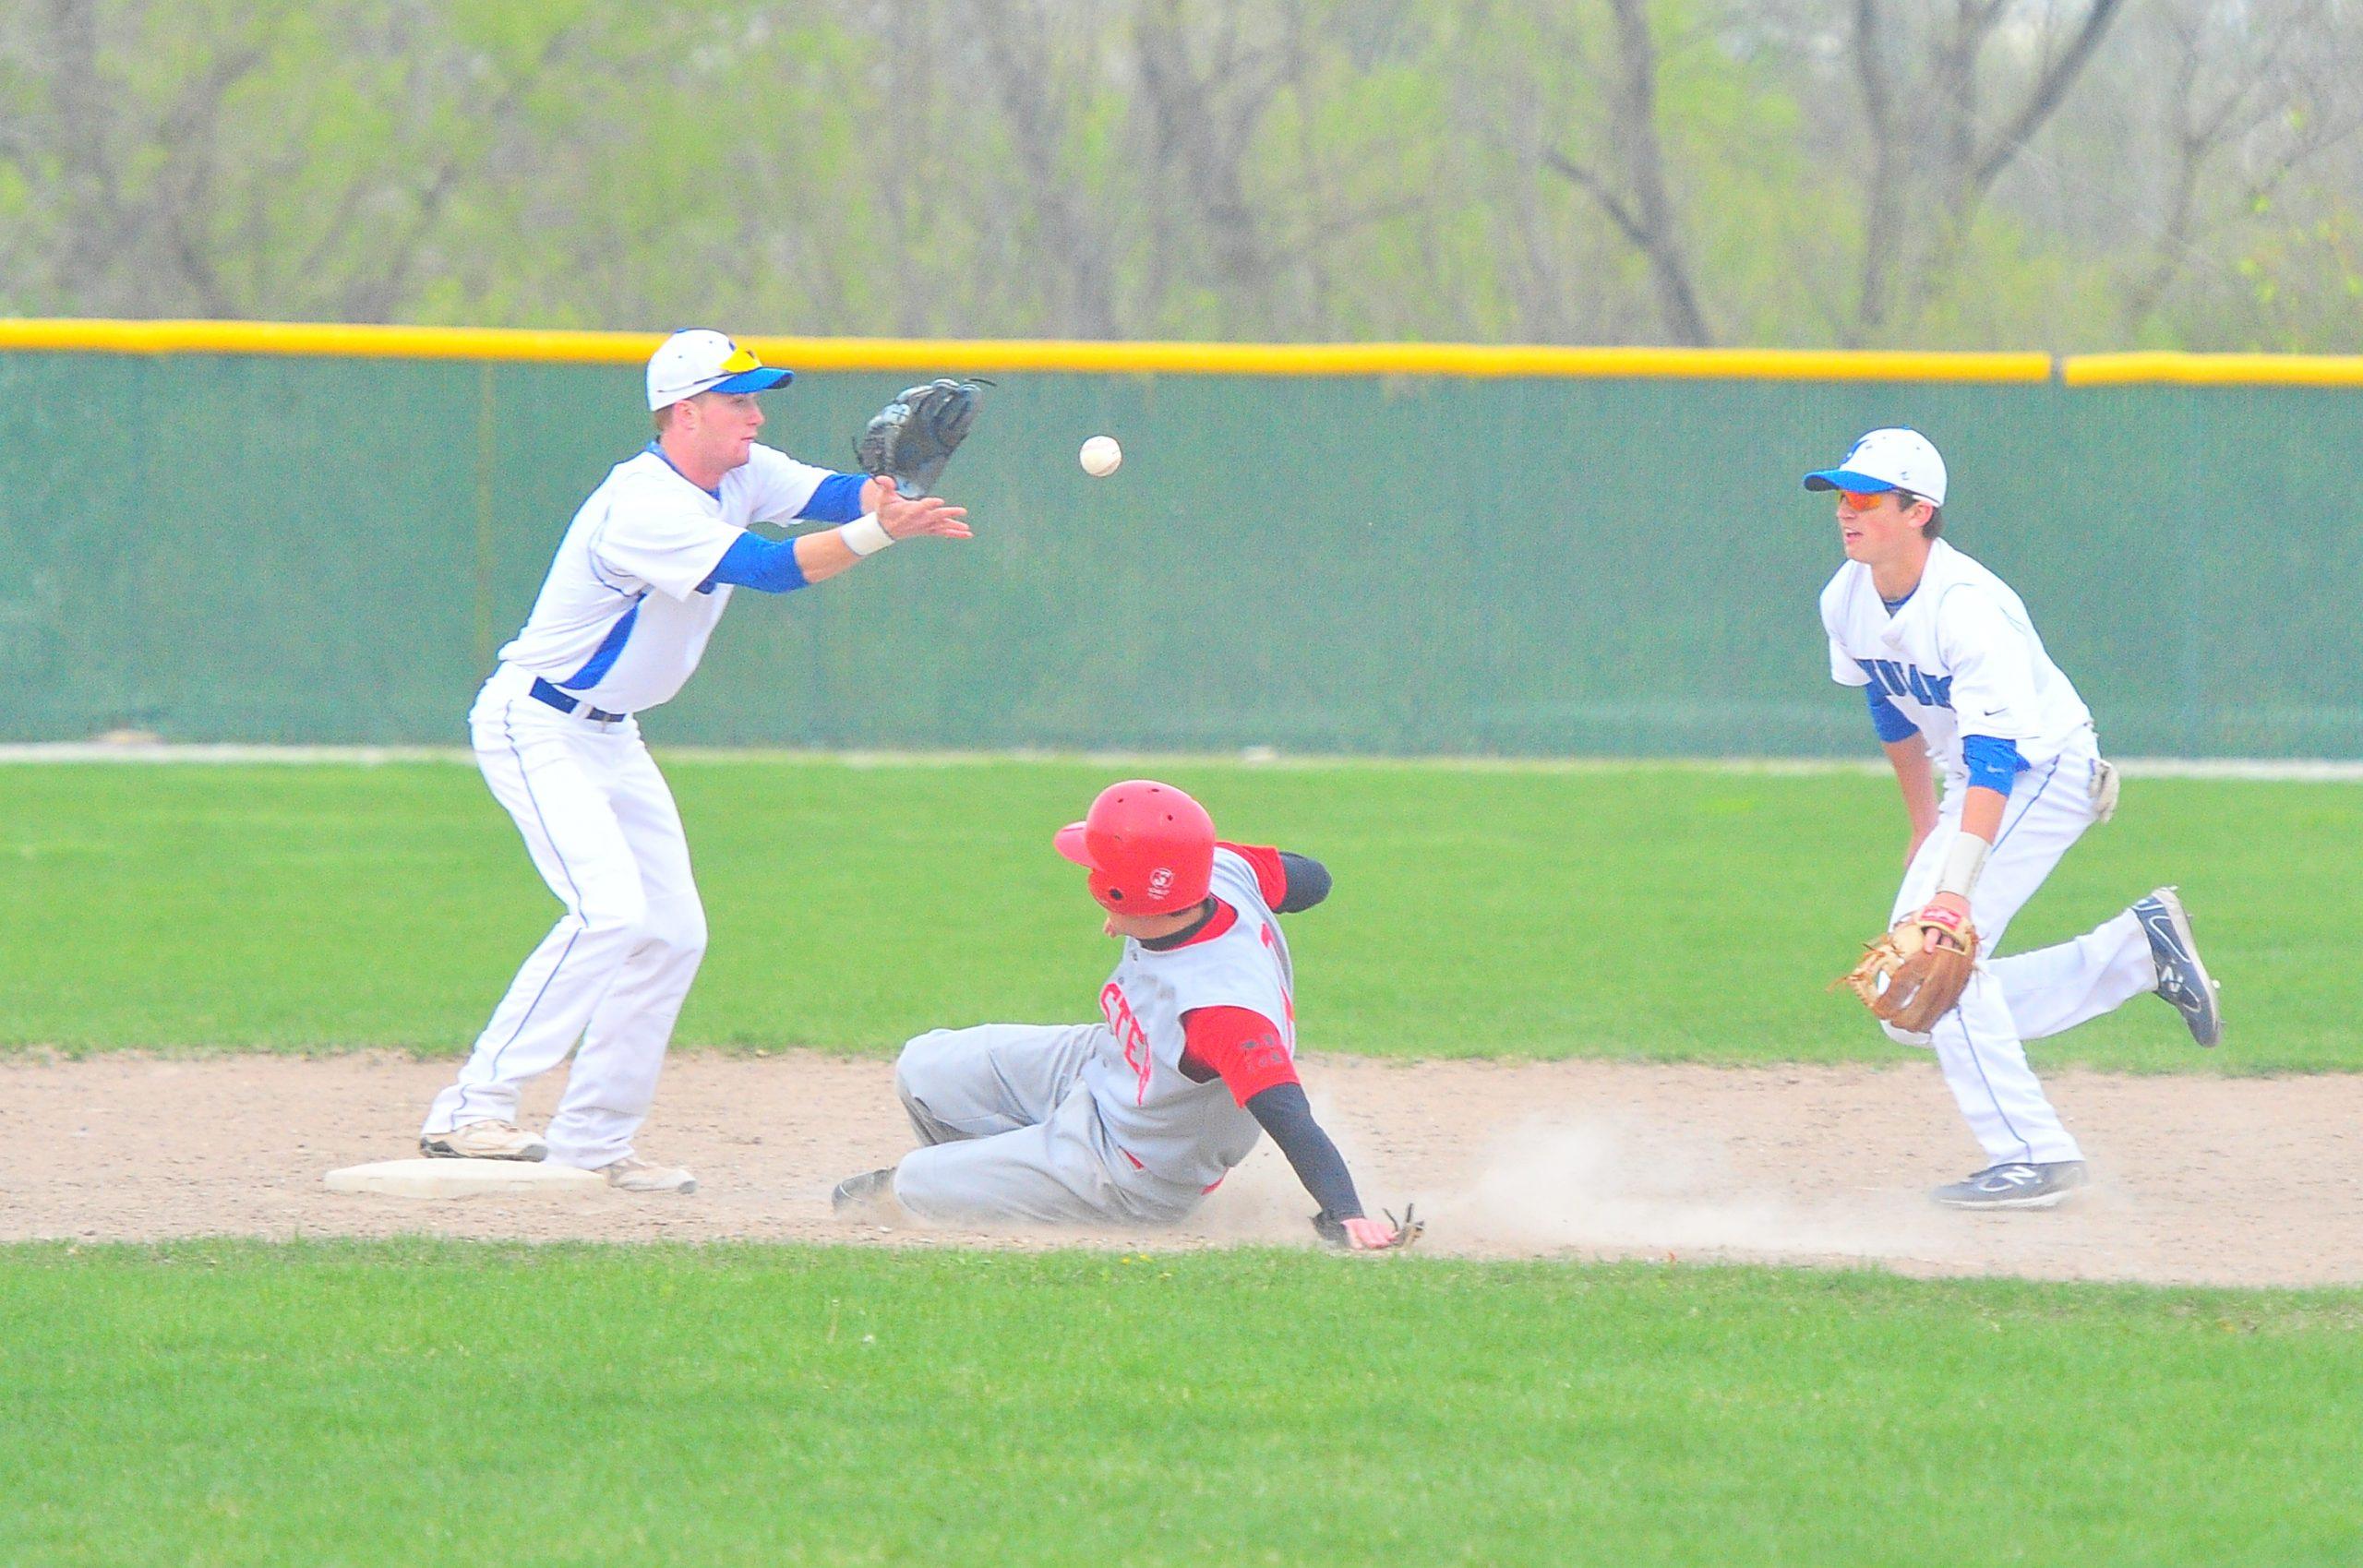 PHOTO GALLERY: Lake Central vs. Munster Baseball – 4/3/12